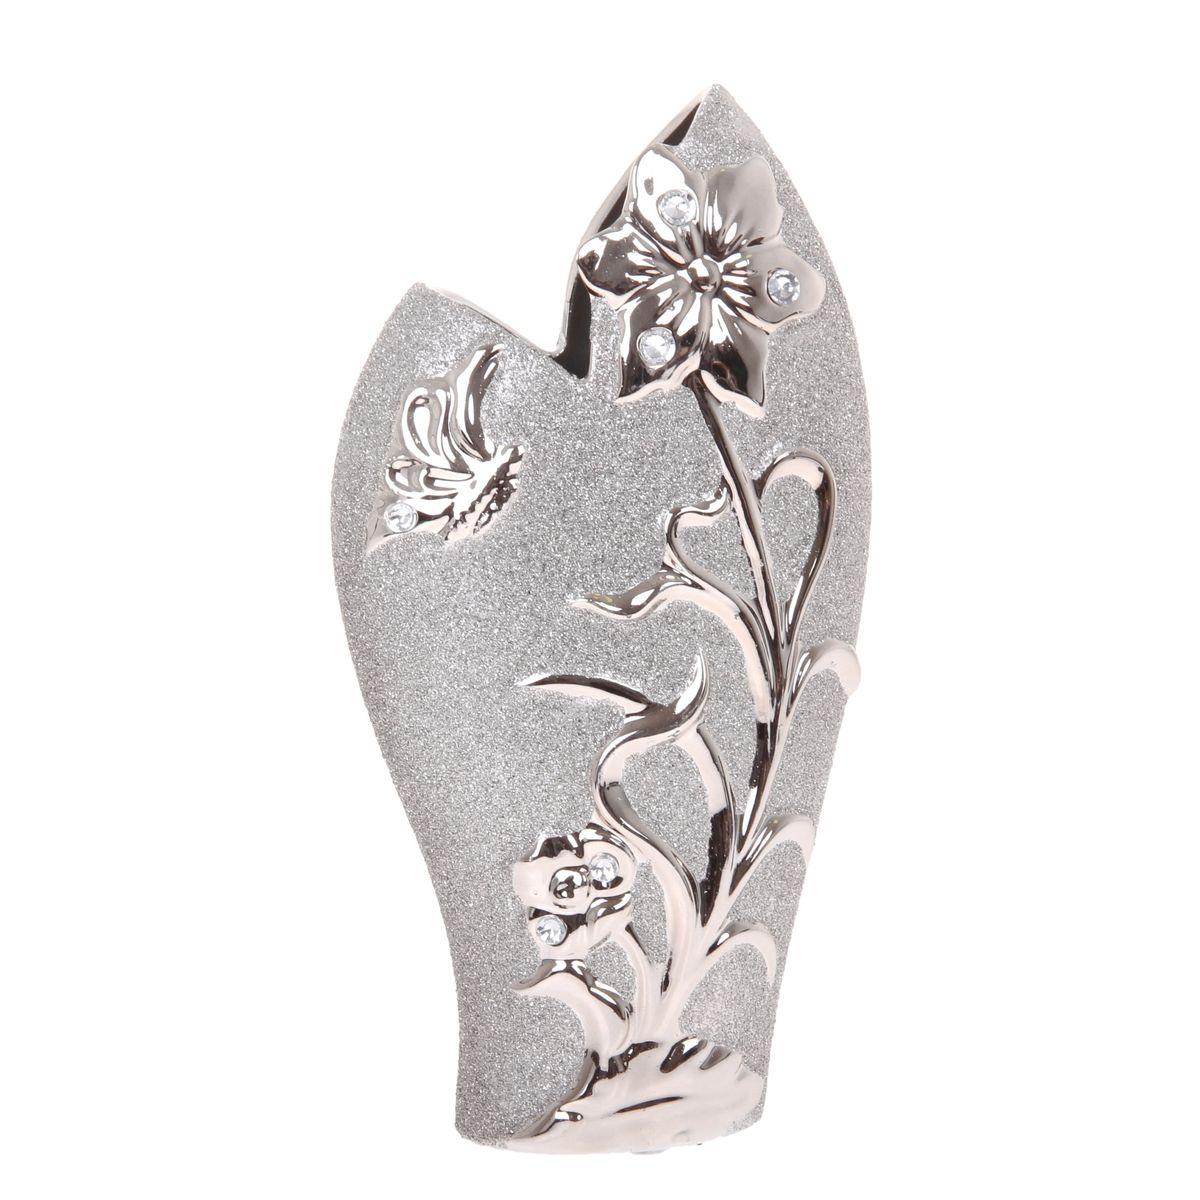 Ваза Sima-land Летнее настроение, высота 31 смFS-80423Ваза Sima-land Летнее настроение, изготовленная из высококачественной керамики, декорирована блестками и стразами. Интересная форма и необычное оформление сделают эту вазу замечательным украшением интерьера. Она предназначена как для живых, так и для искусственных цветов. Любое помещение выглядит незавершенным без правильно расположенных предметовинтерьера. Они помогают создать уют, расставить акценты, подчеркнуть достоинства или скрытьнедостатки.